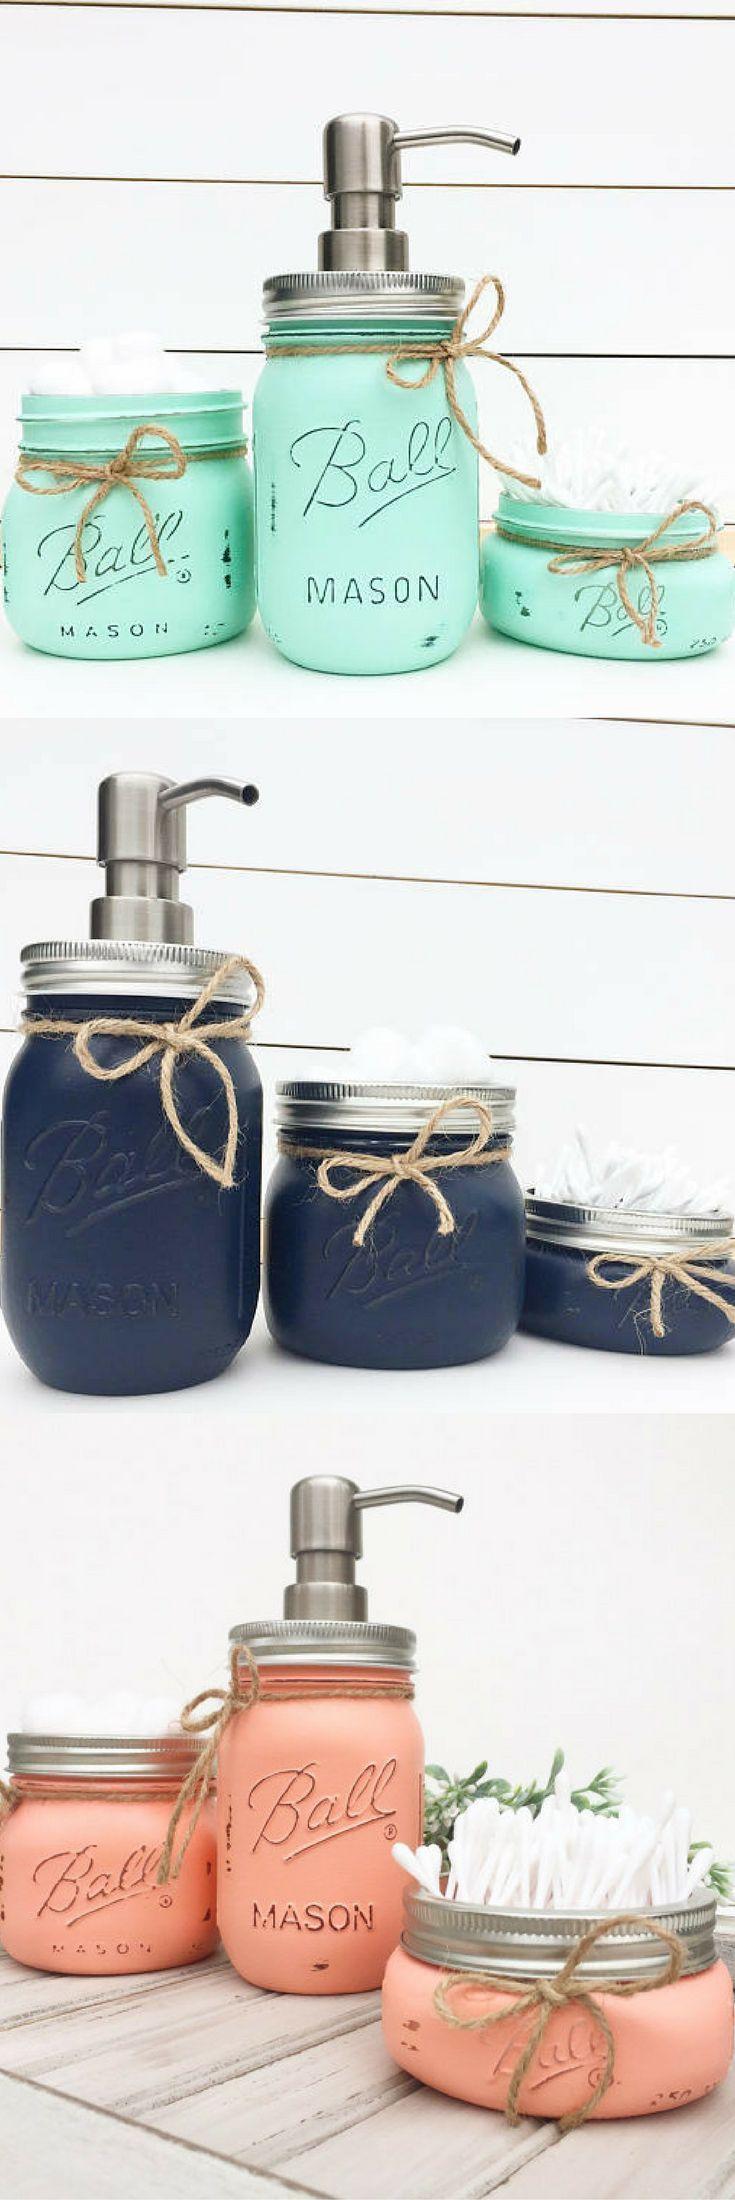 3pc. Mason Jar Bathroom Set, Rustic Bathroom, Farmhouse decor, Housewarming Gift, Bridal Shower Gift, Wedding Gift, Bathroom, Country Home #ad #affiliatelink